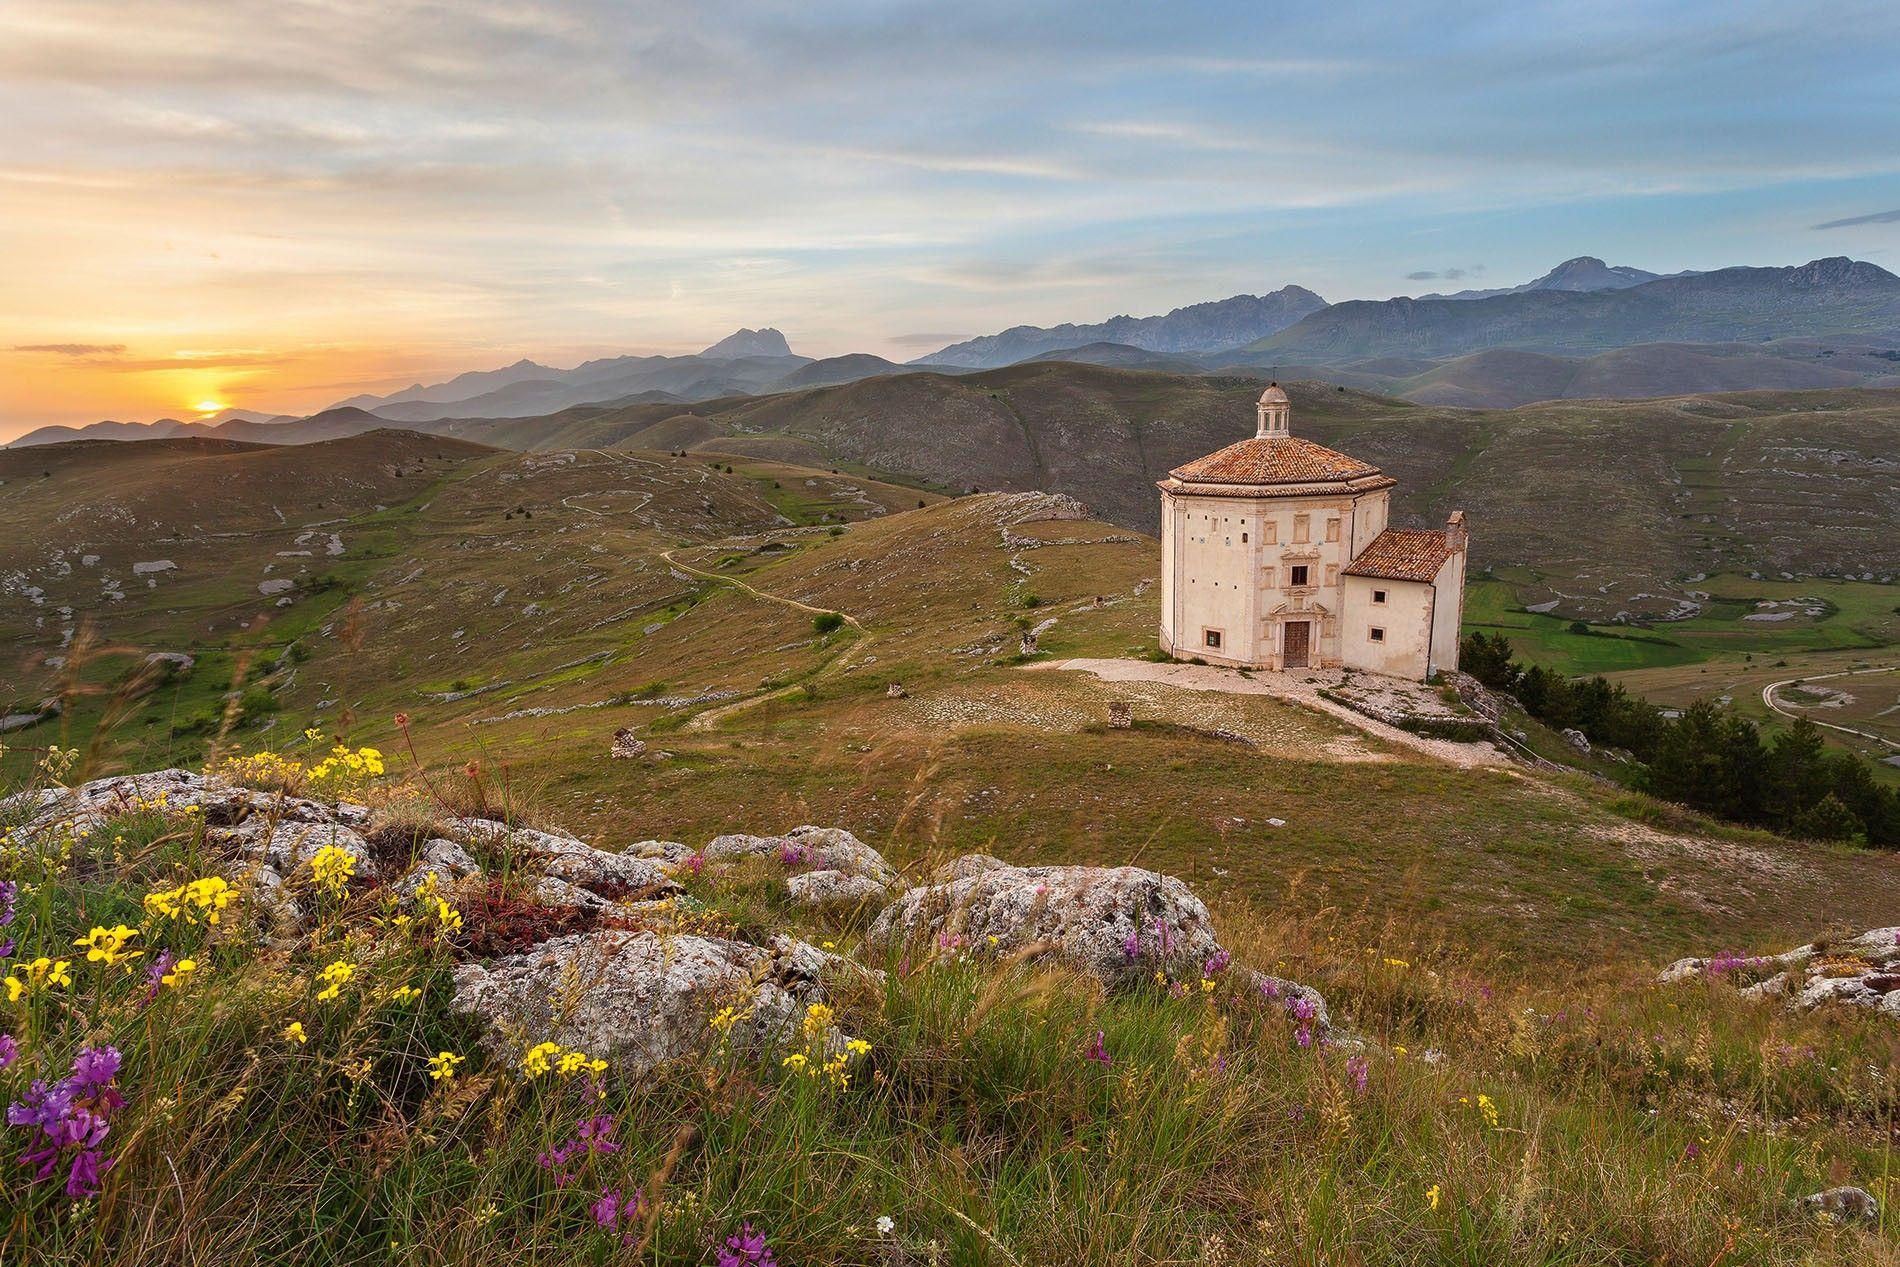 Gran Sasso d'Italia, Apennines